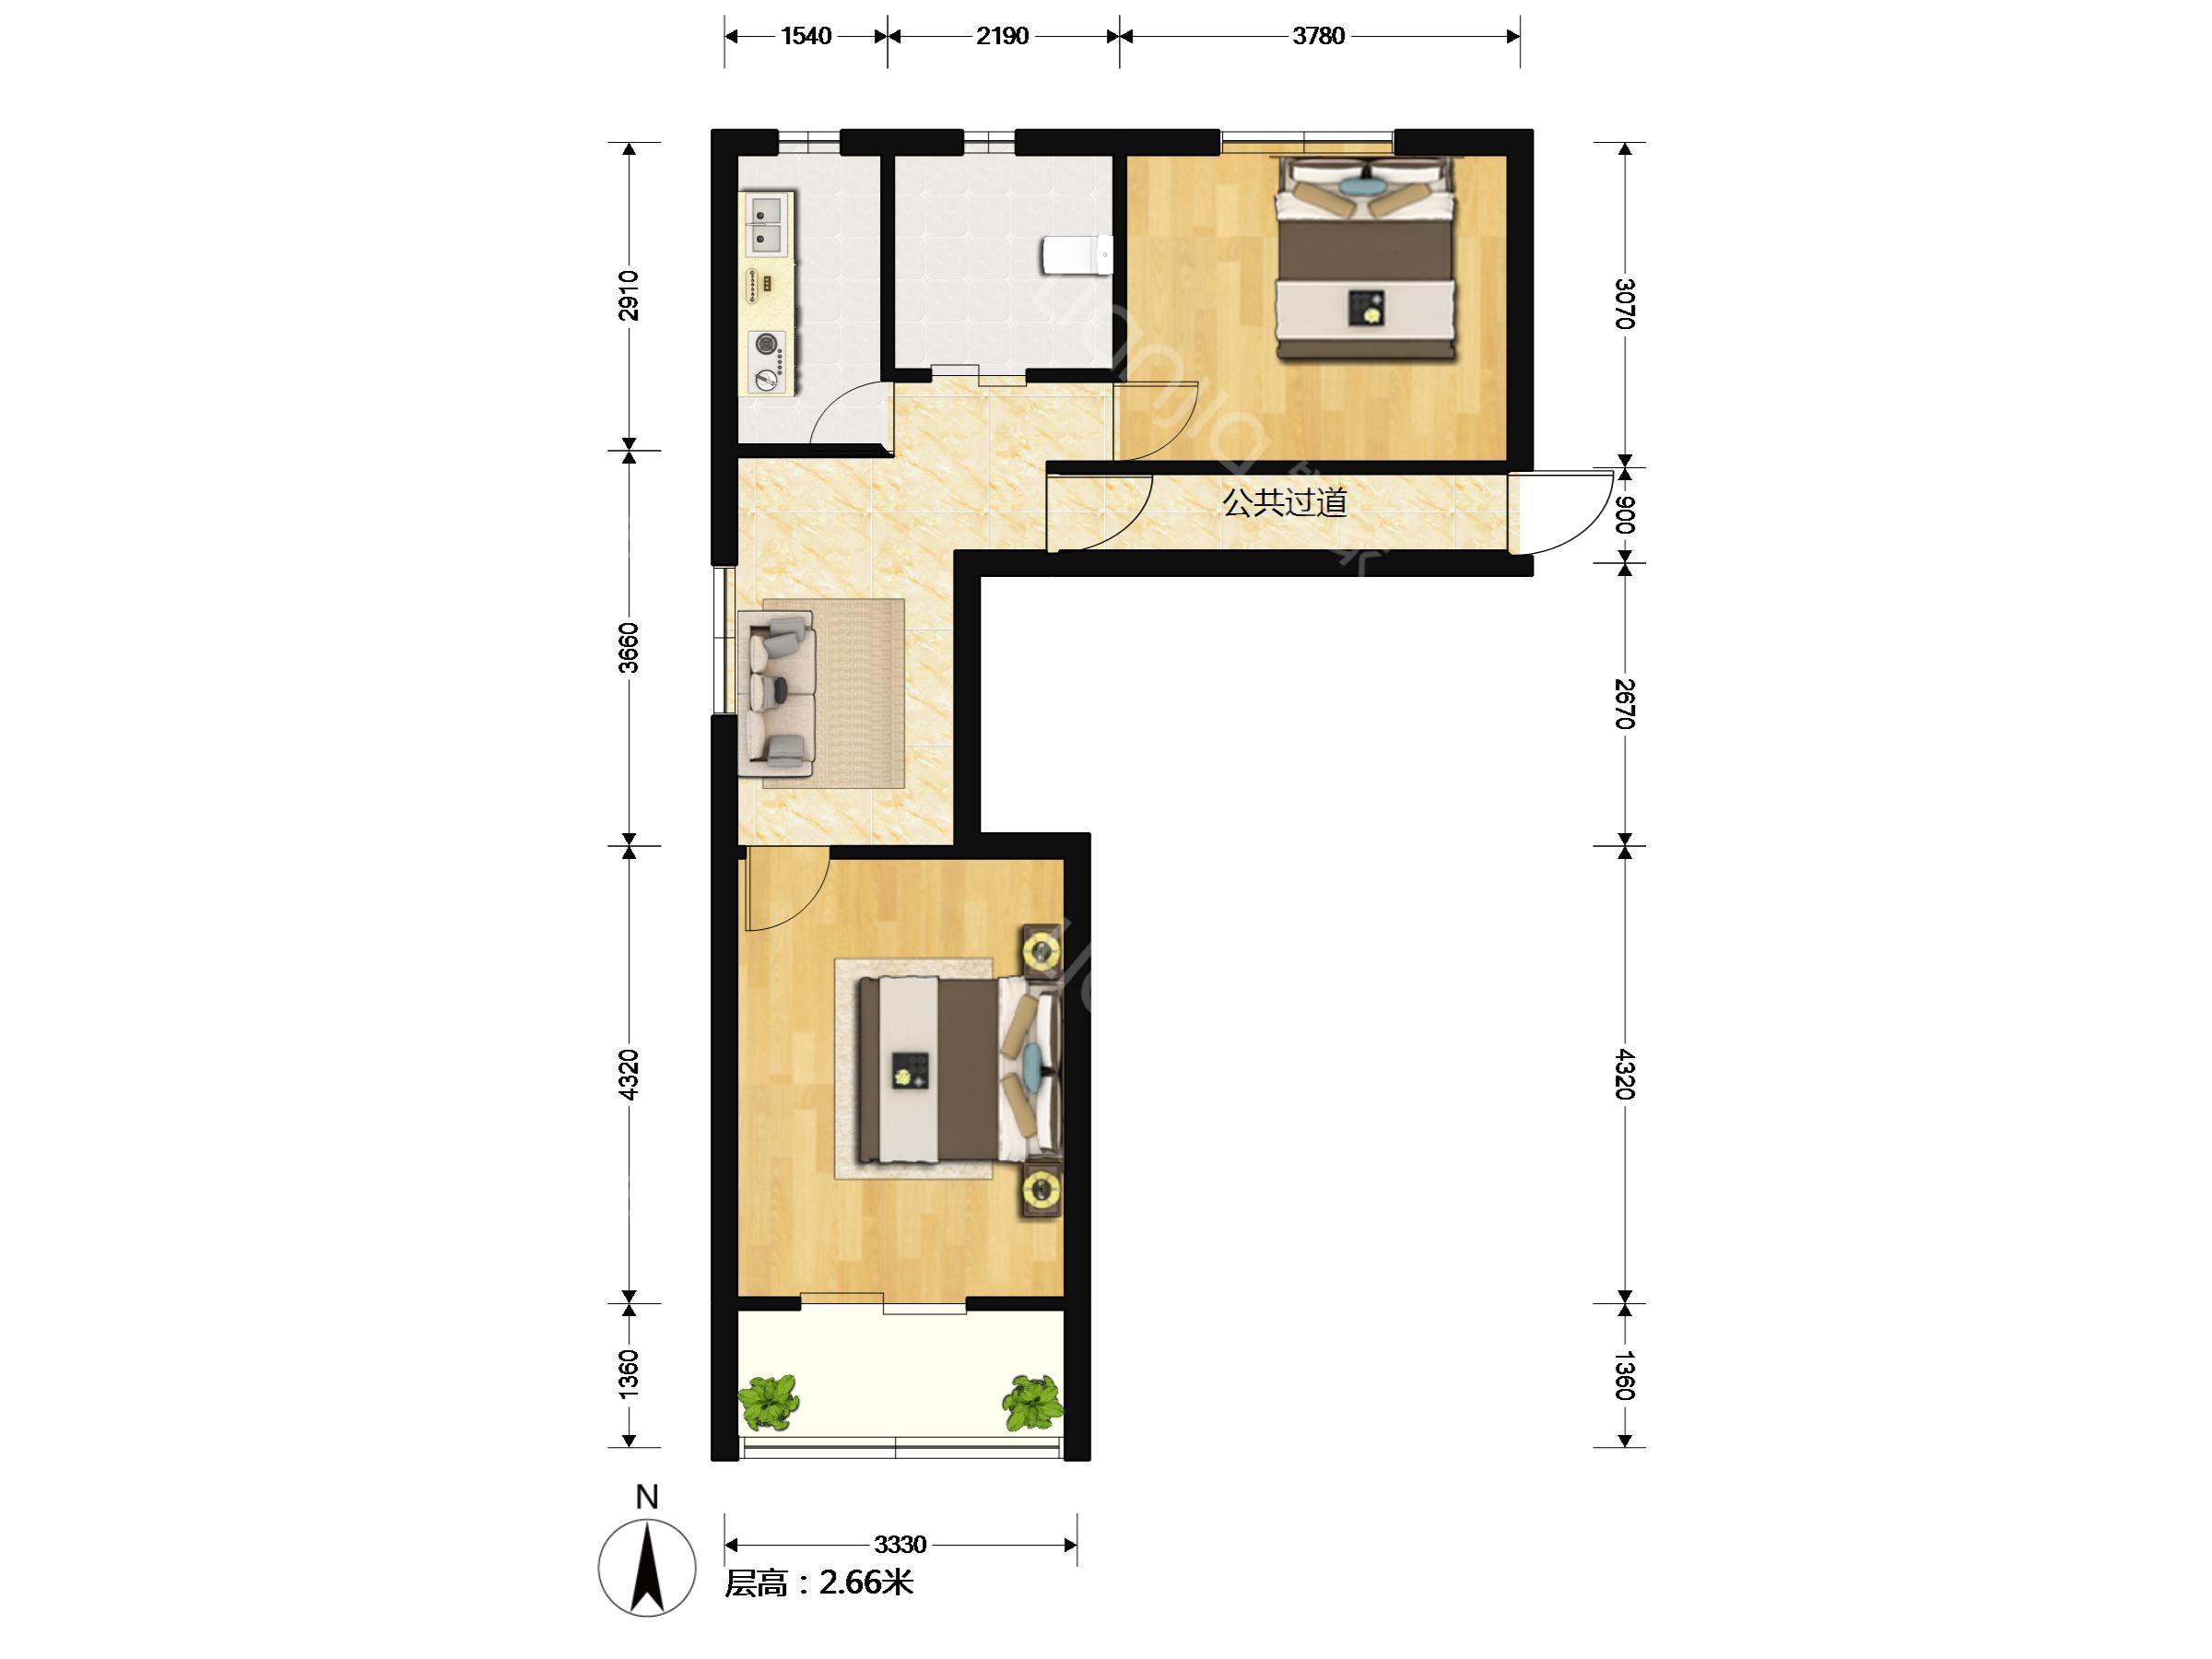 120三室一厅设计图 宽300×300高 四室一厅房屋设计图_土巴兔装修